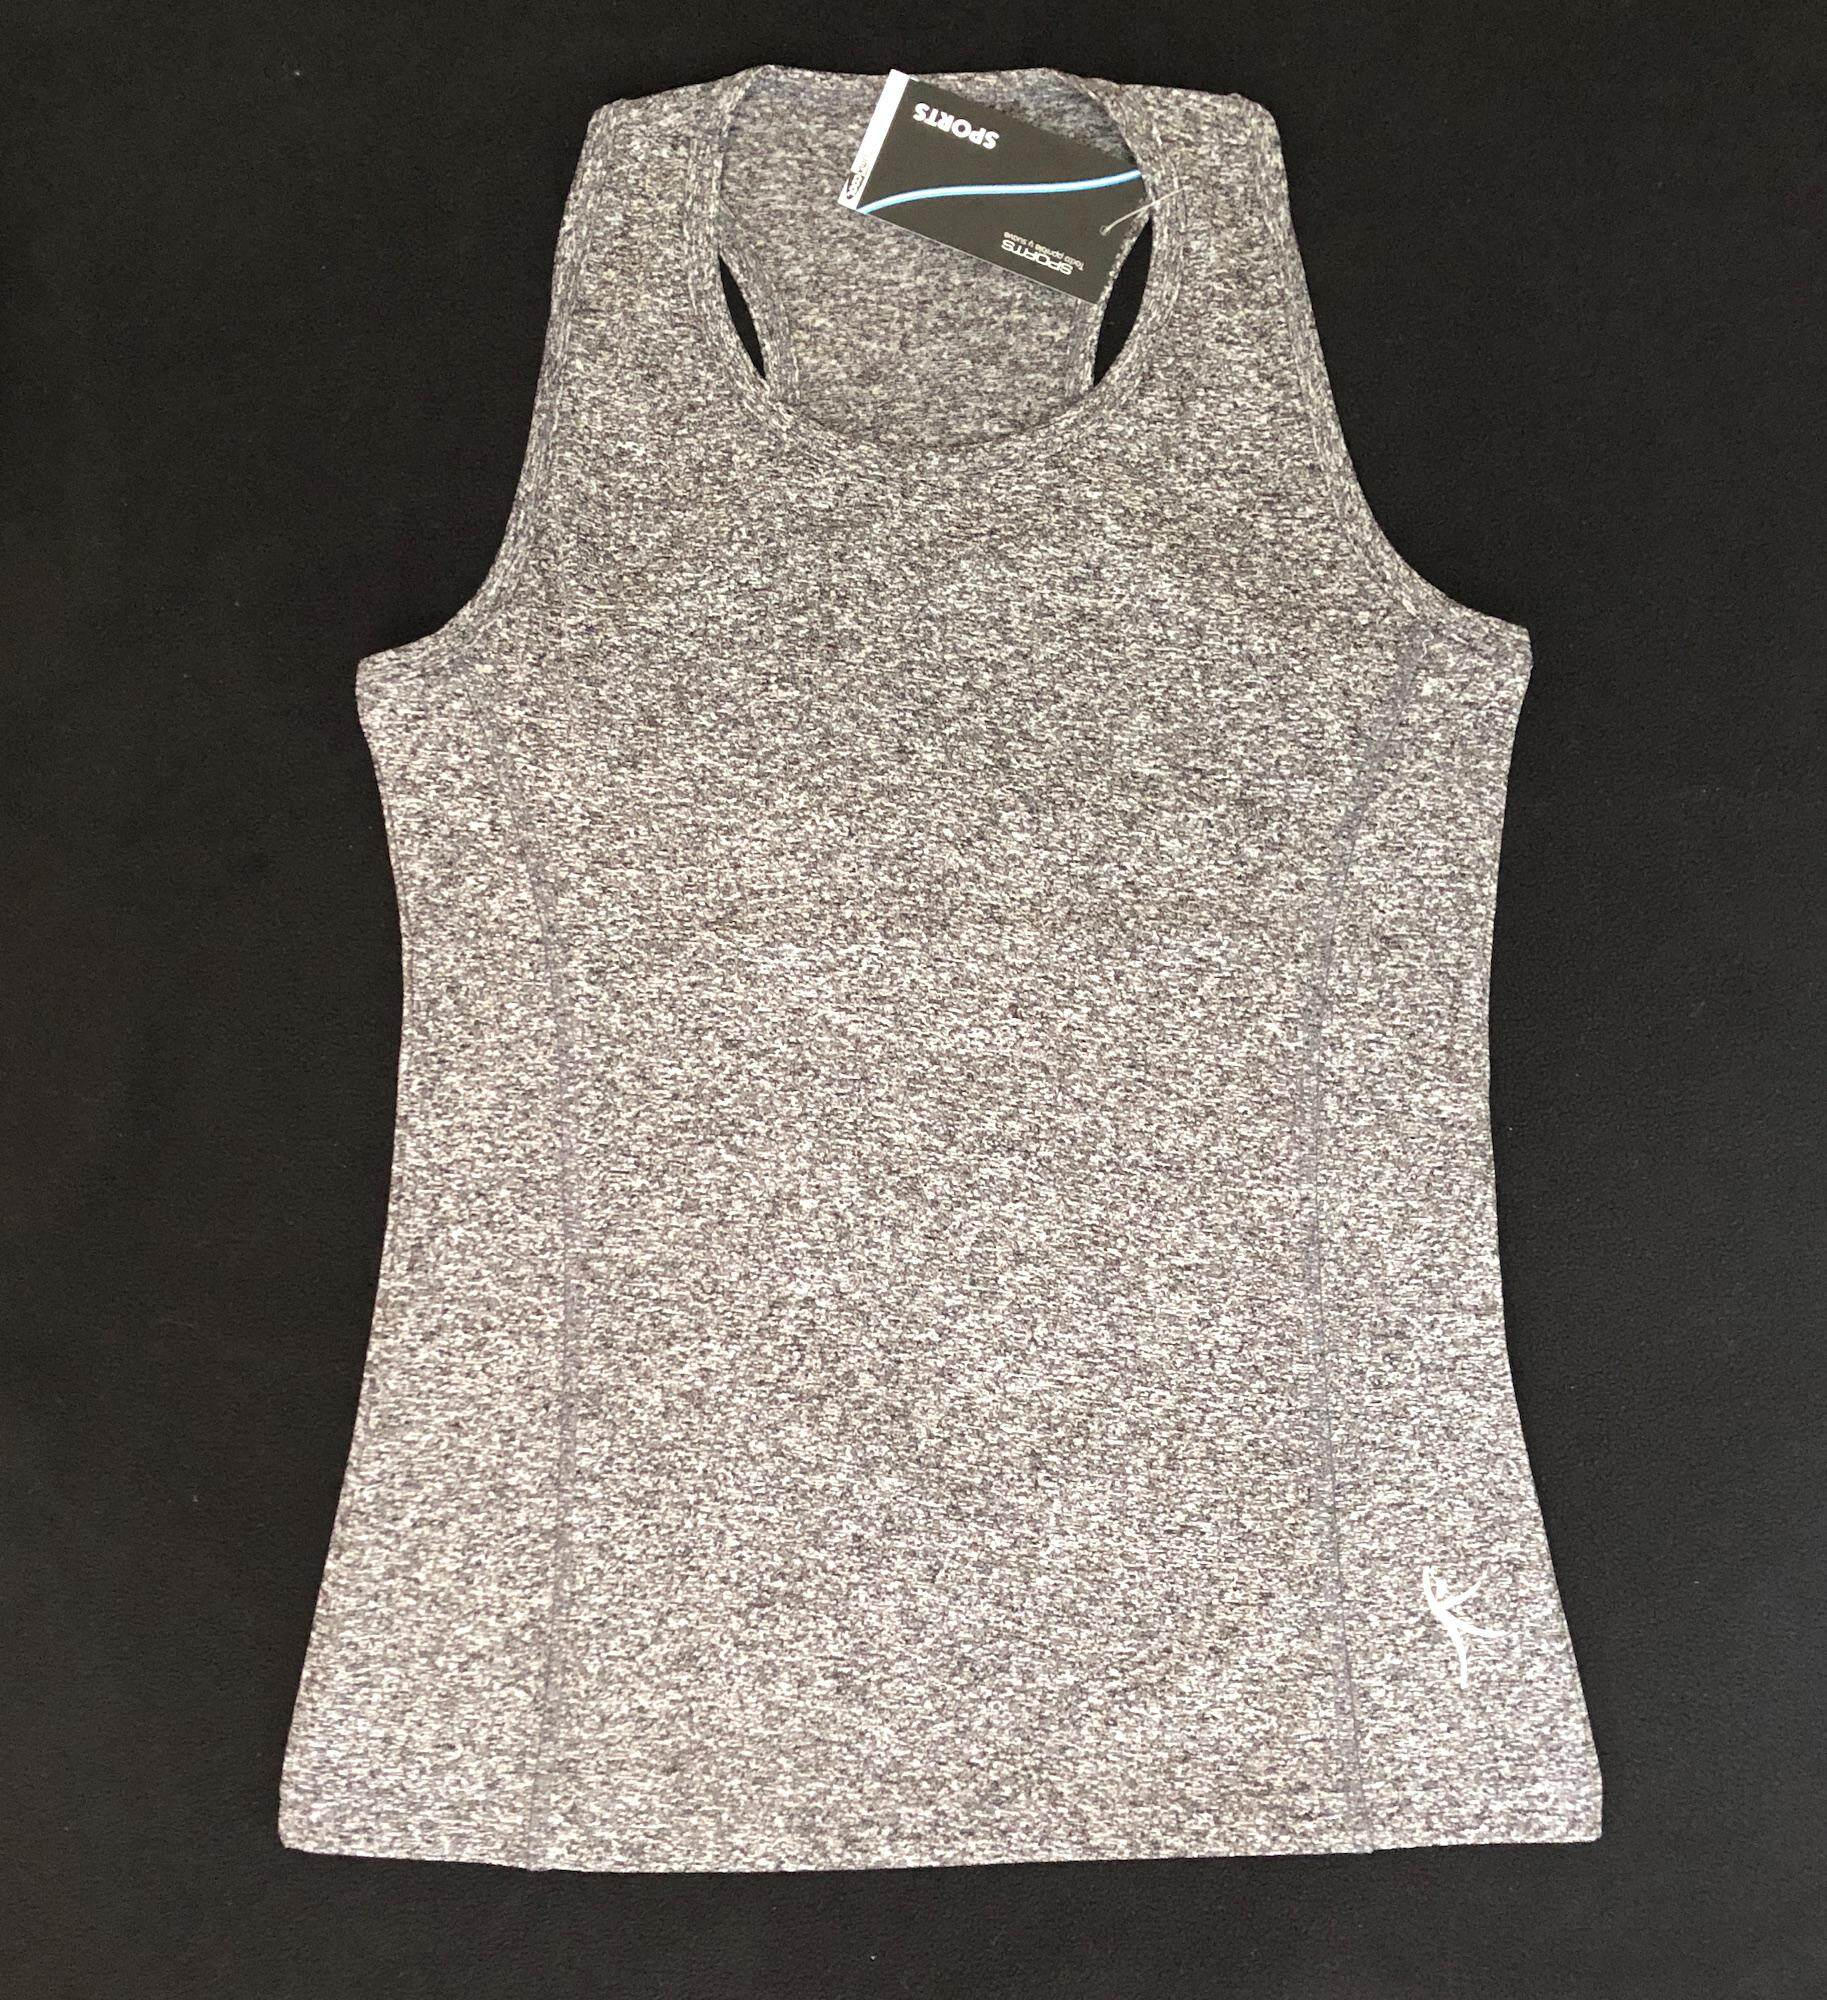 เสื้อกล้ามออกกำลังกายผู้หญิง Sports, สีเทา_model1.